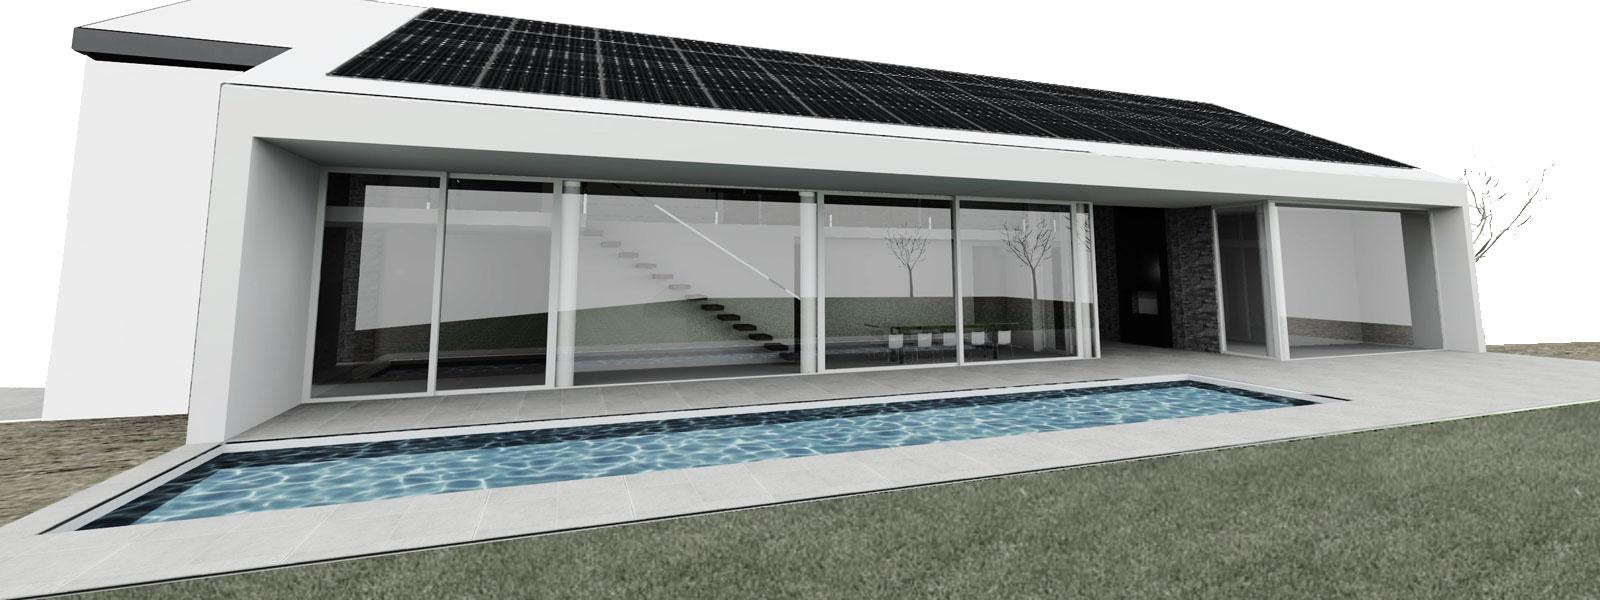 Casa cc rama studio - Progetto casa biella ...